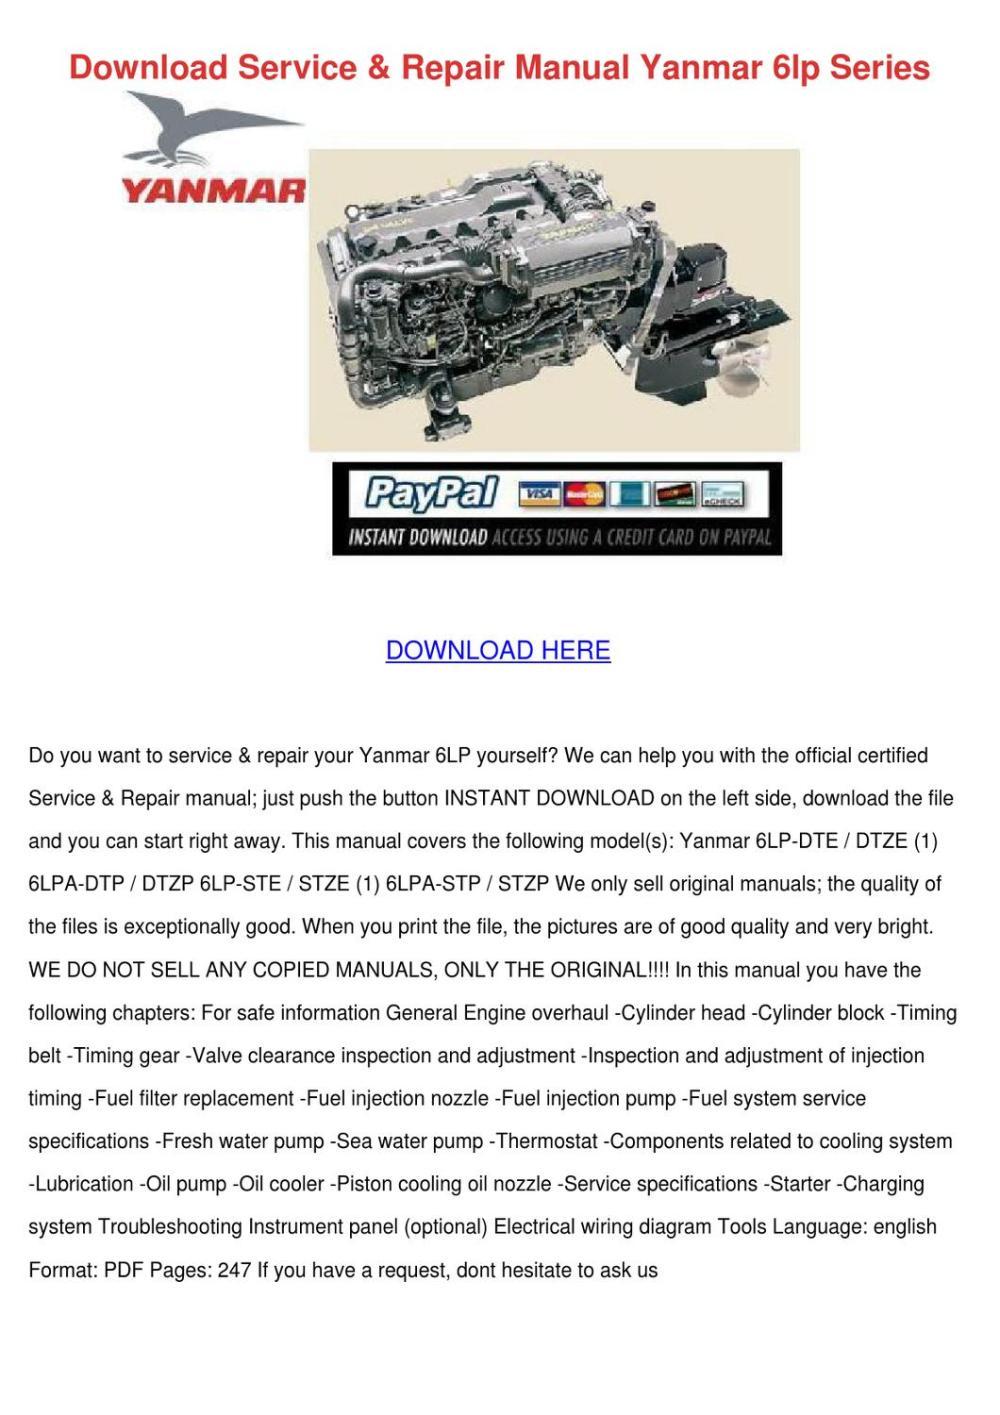 medium resolution of download service repair manual yanmar 6lp ser